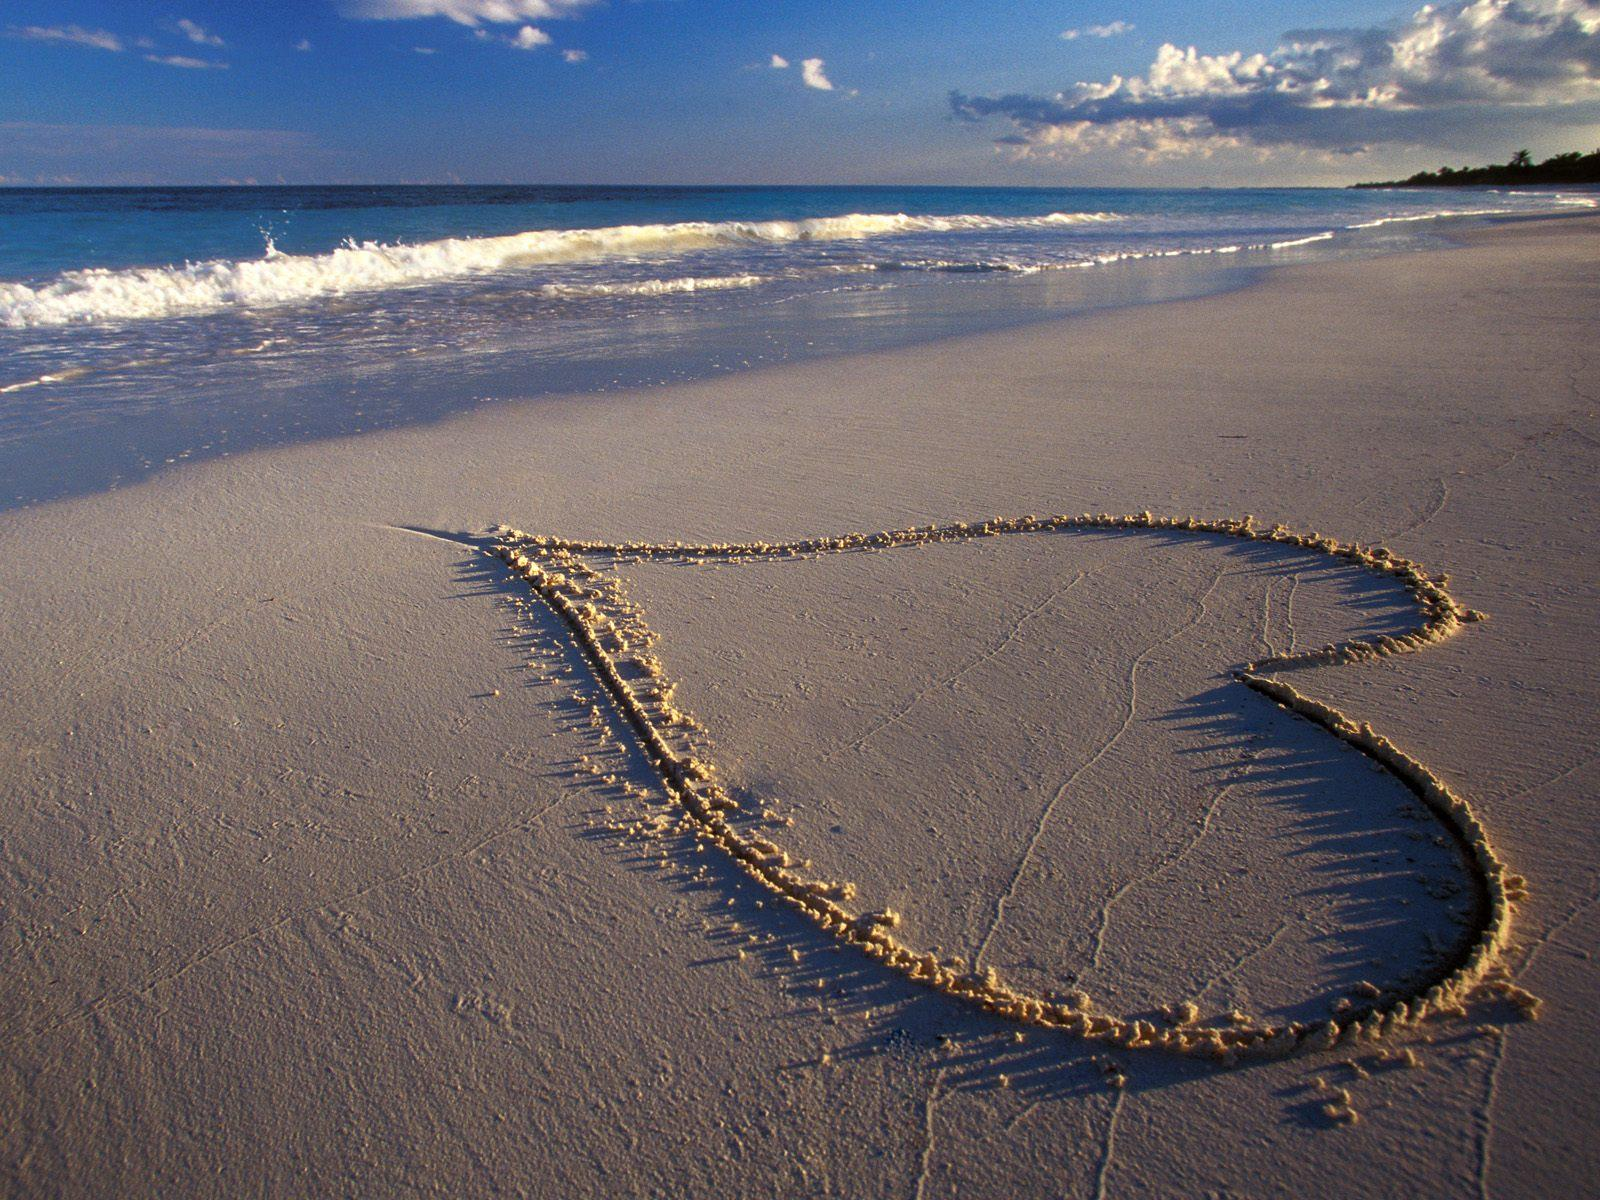 http://2.bp.blogspot.com/-k_mVAjmHrsQ/TxQCI-3oFYI/AAAAAAAAAB4/TTyM3c9ZsL4/s1600/romantik-liebe_wallpaper.jpg